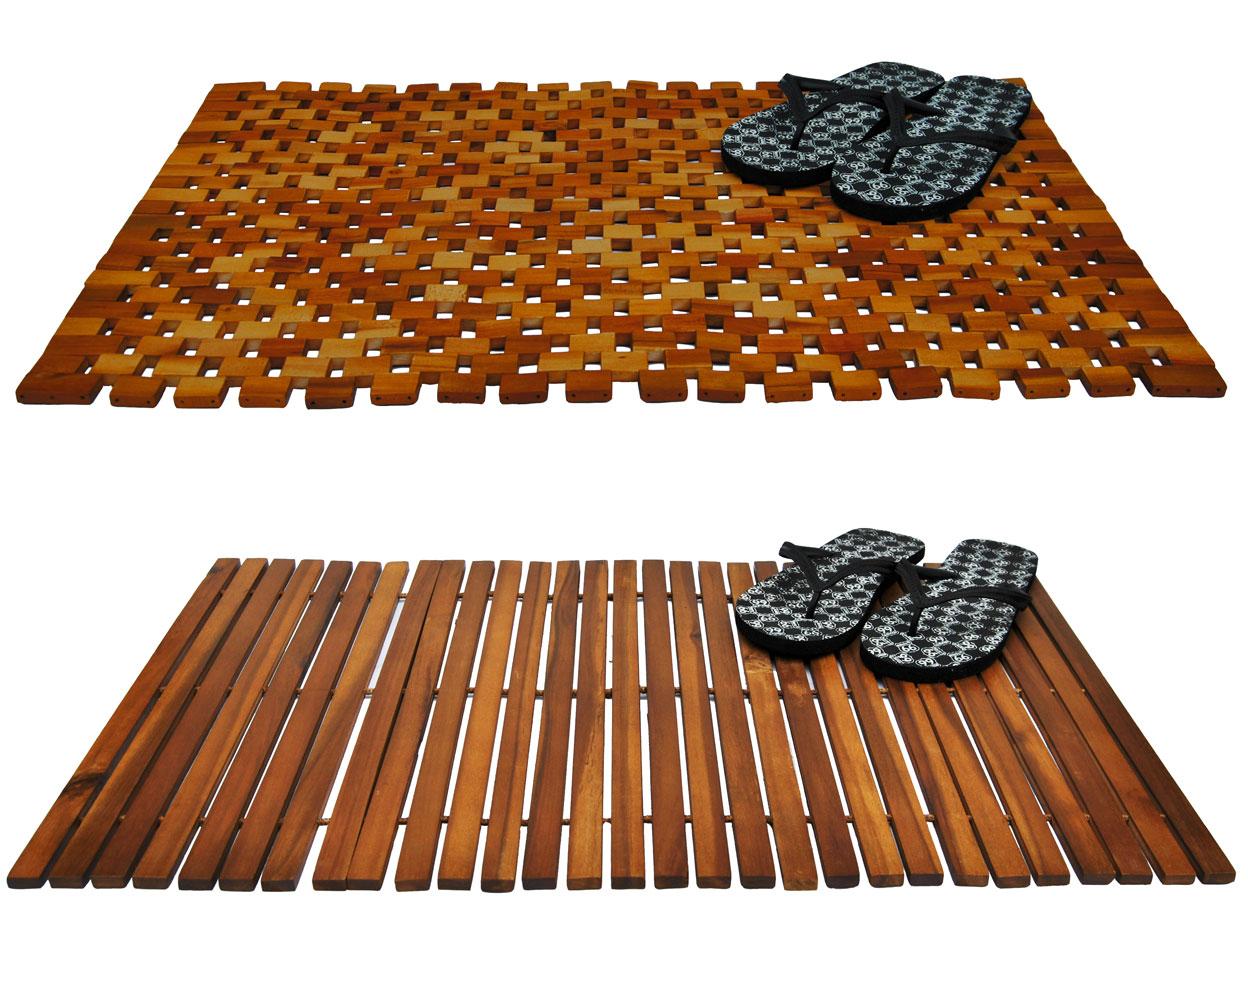 holz badematte 80x50cm holzmatte duschvorlage badvorleger vorleger holzbadematte ebay. Black Bedroom Furniture Sets. Home Design Ideas